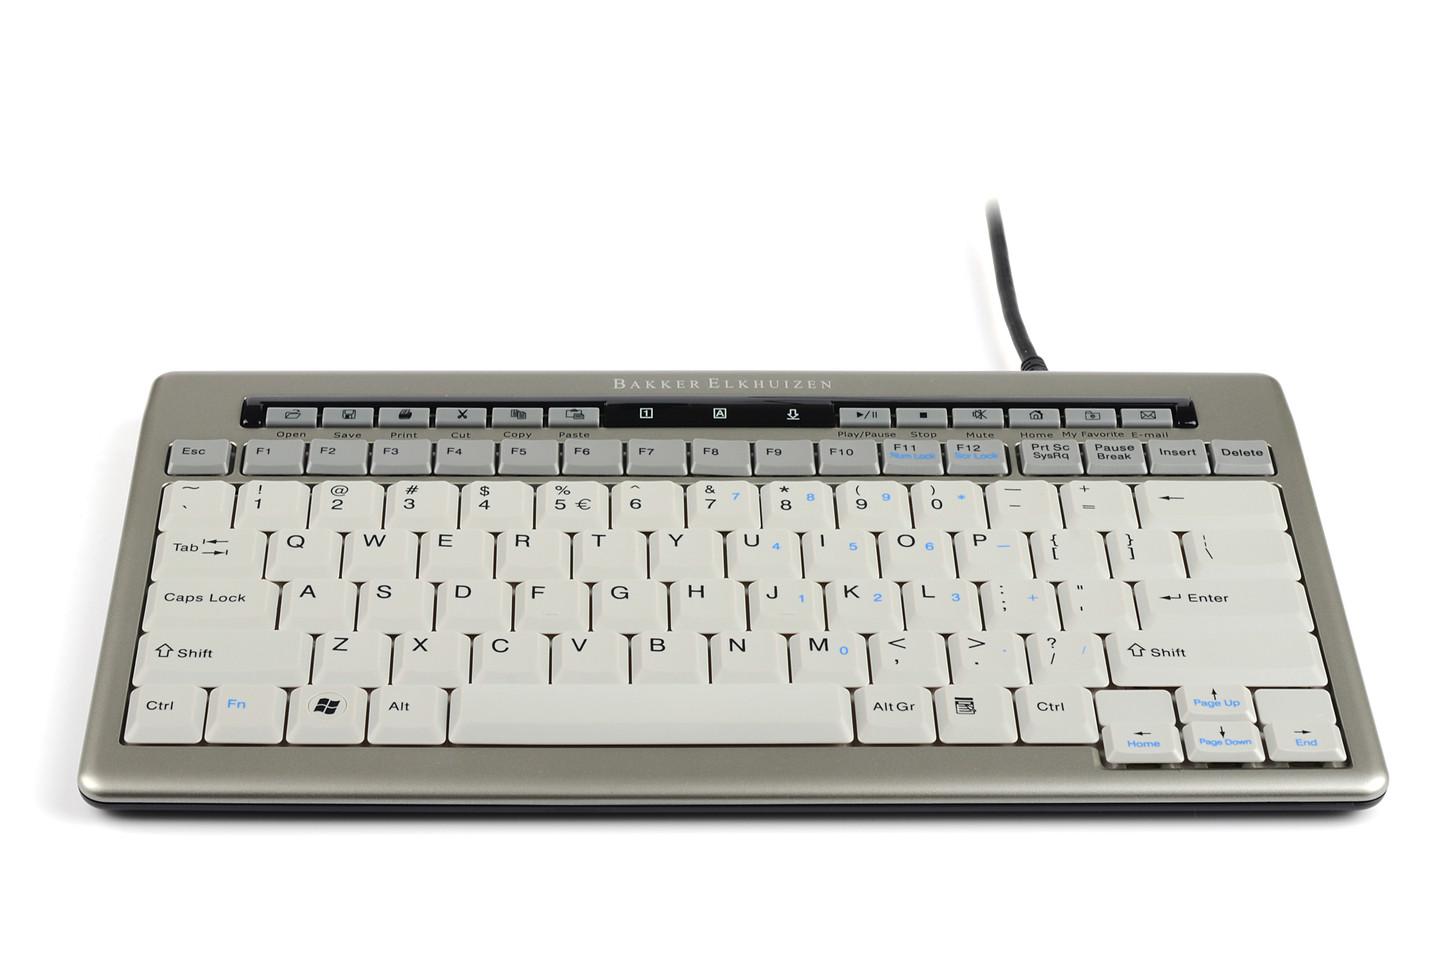 s-board-840-design-usb-keyboard-13951480